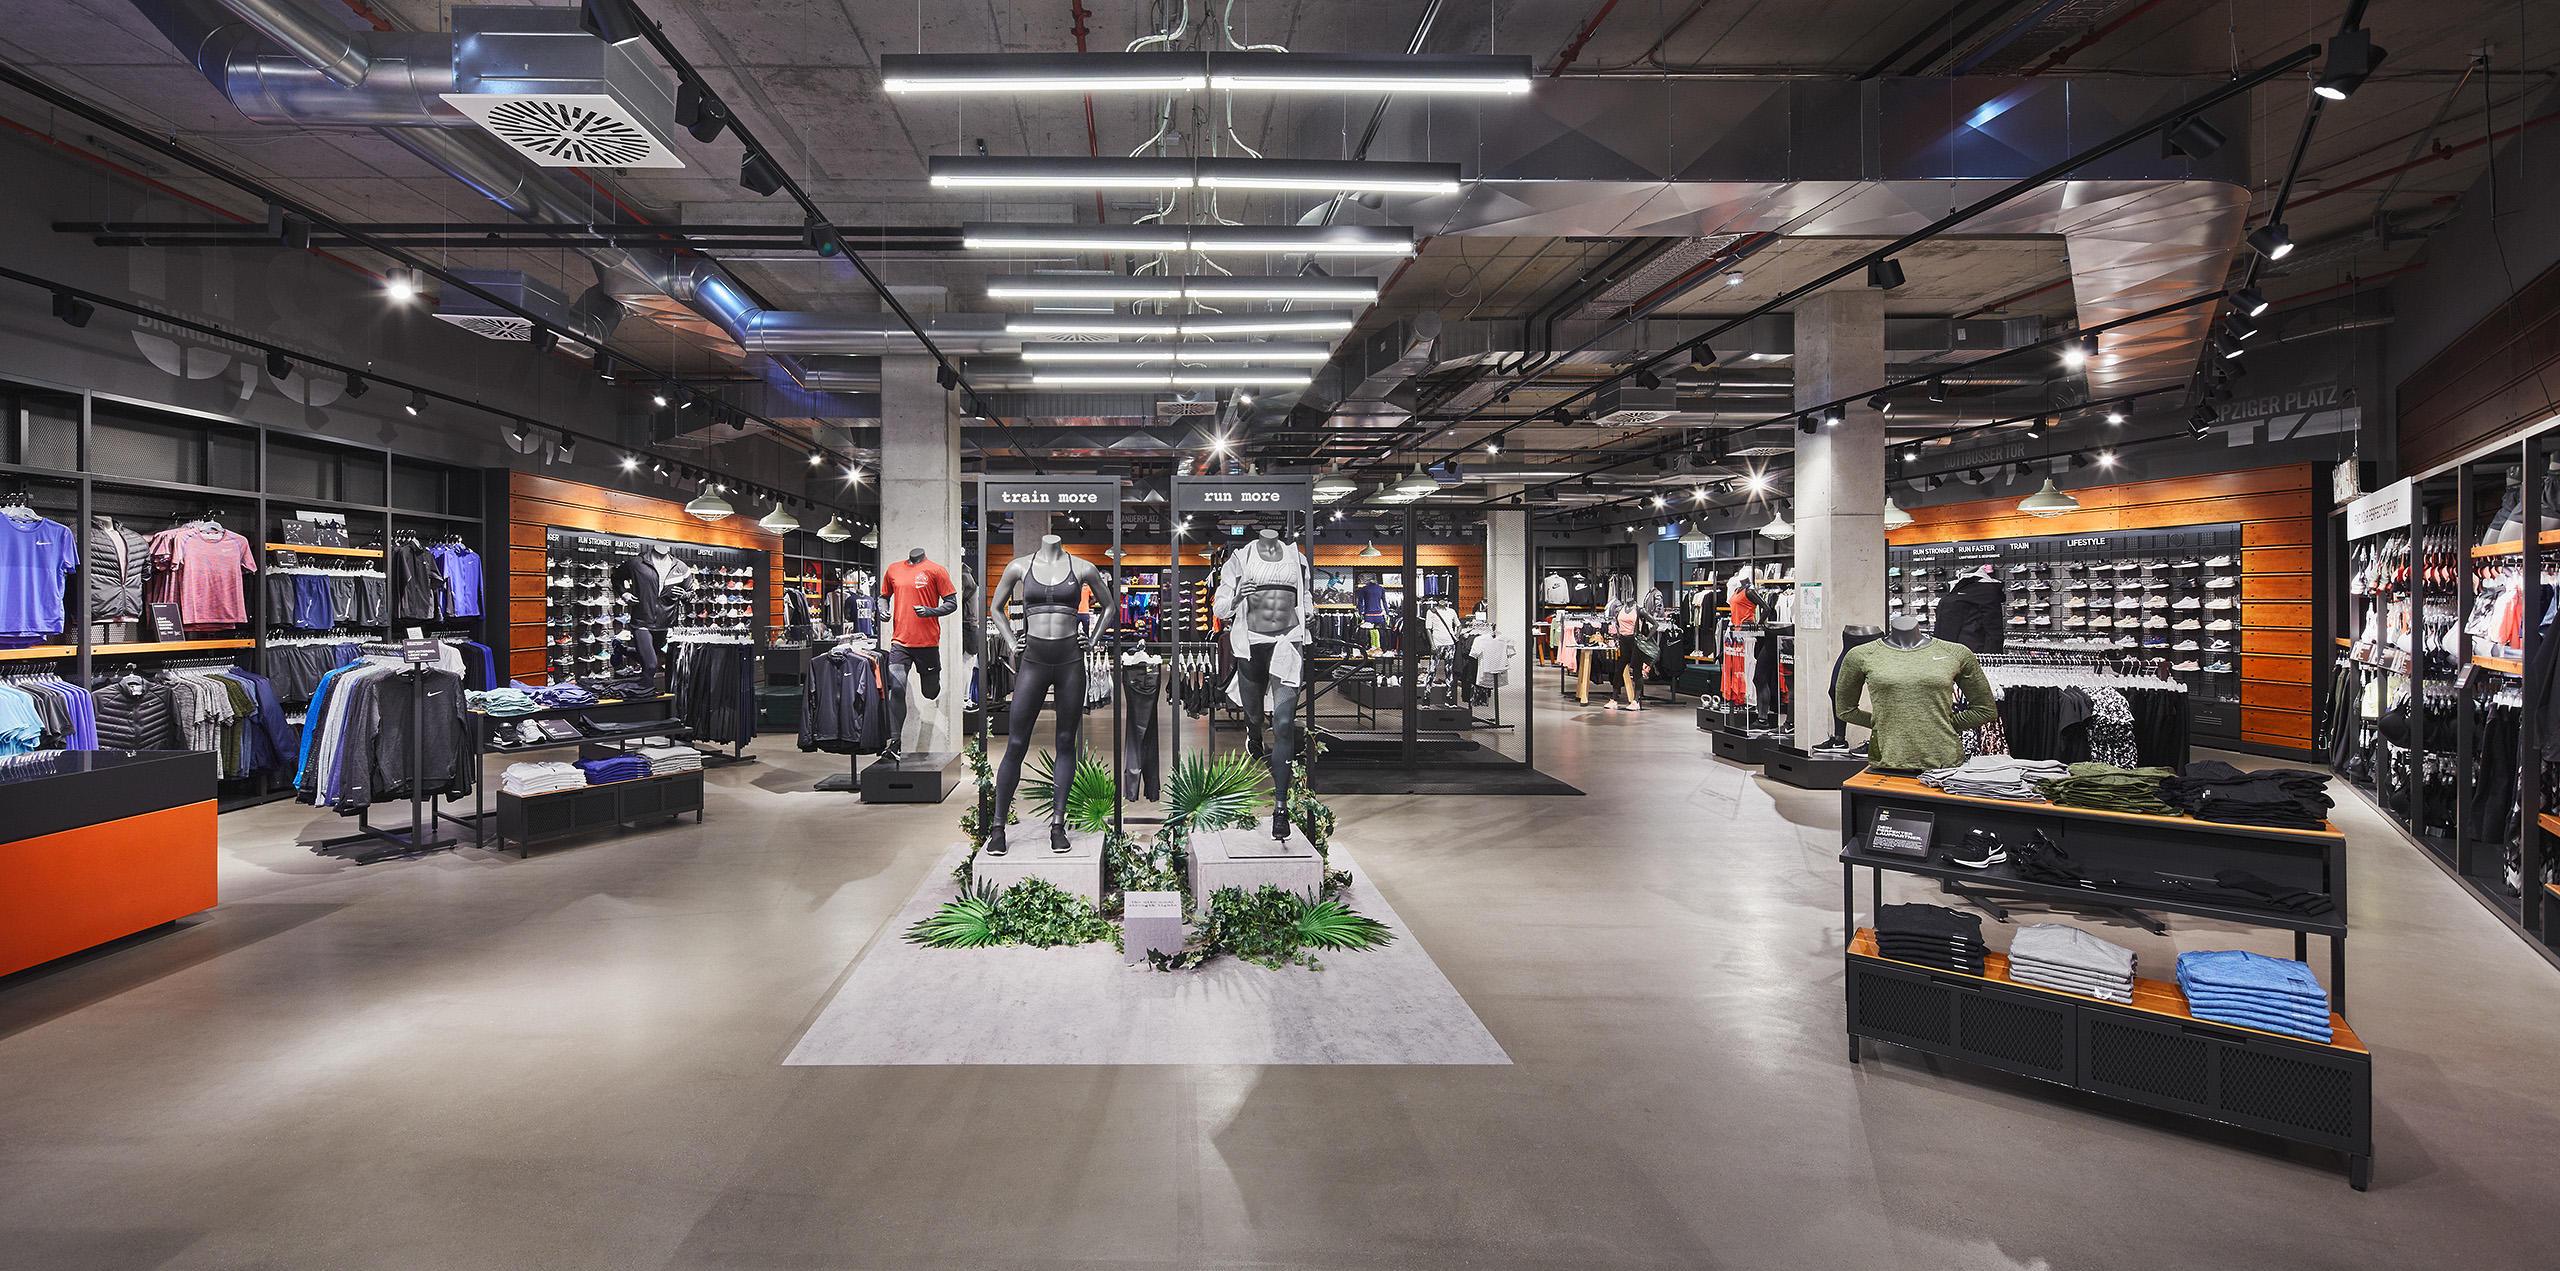 NIKE Store, Sportmode & Sportartikel in Berlin, Leipziger